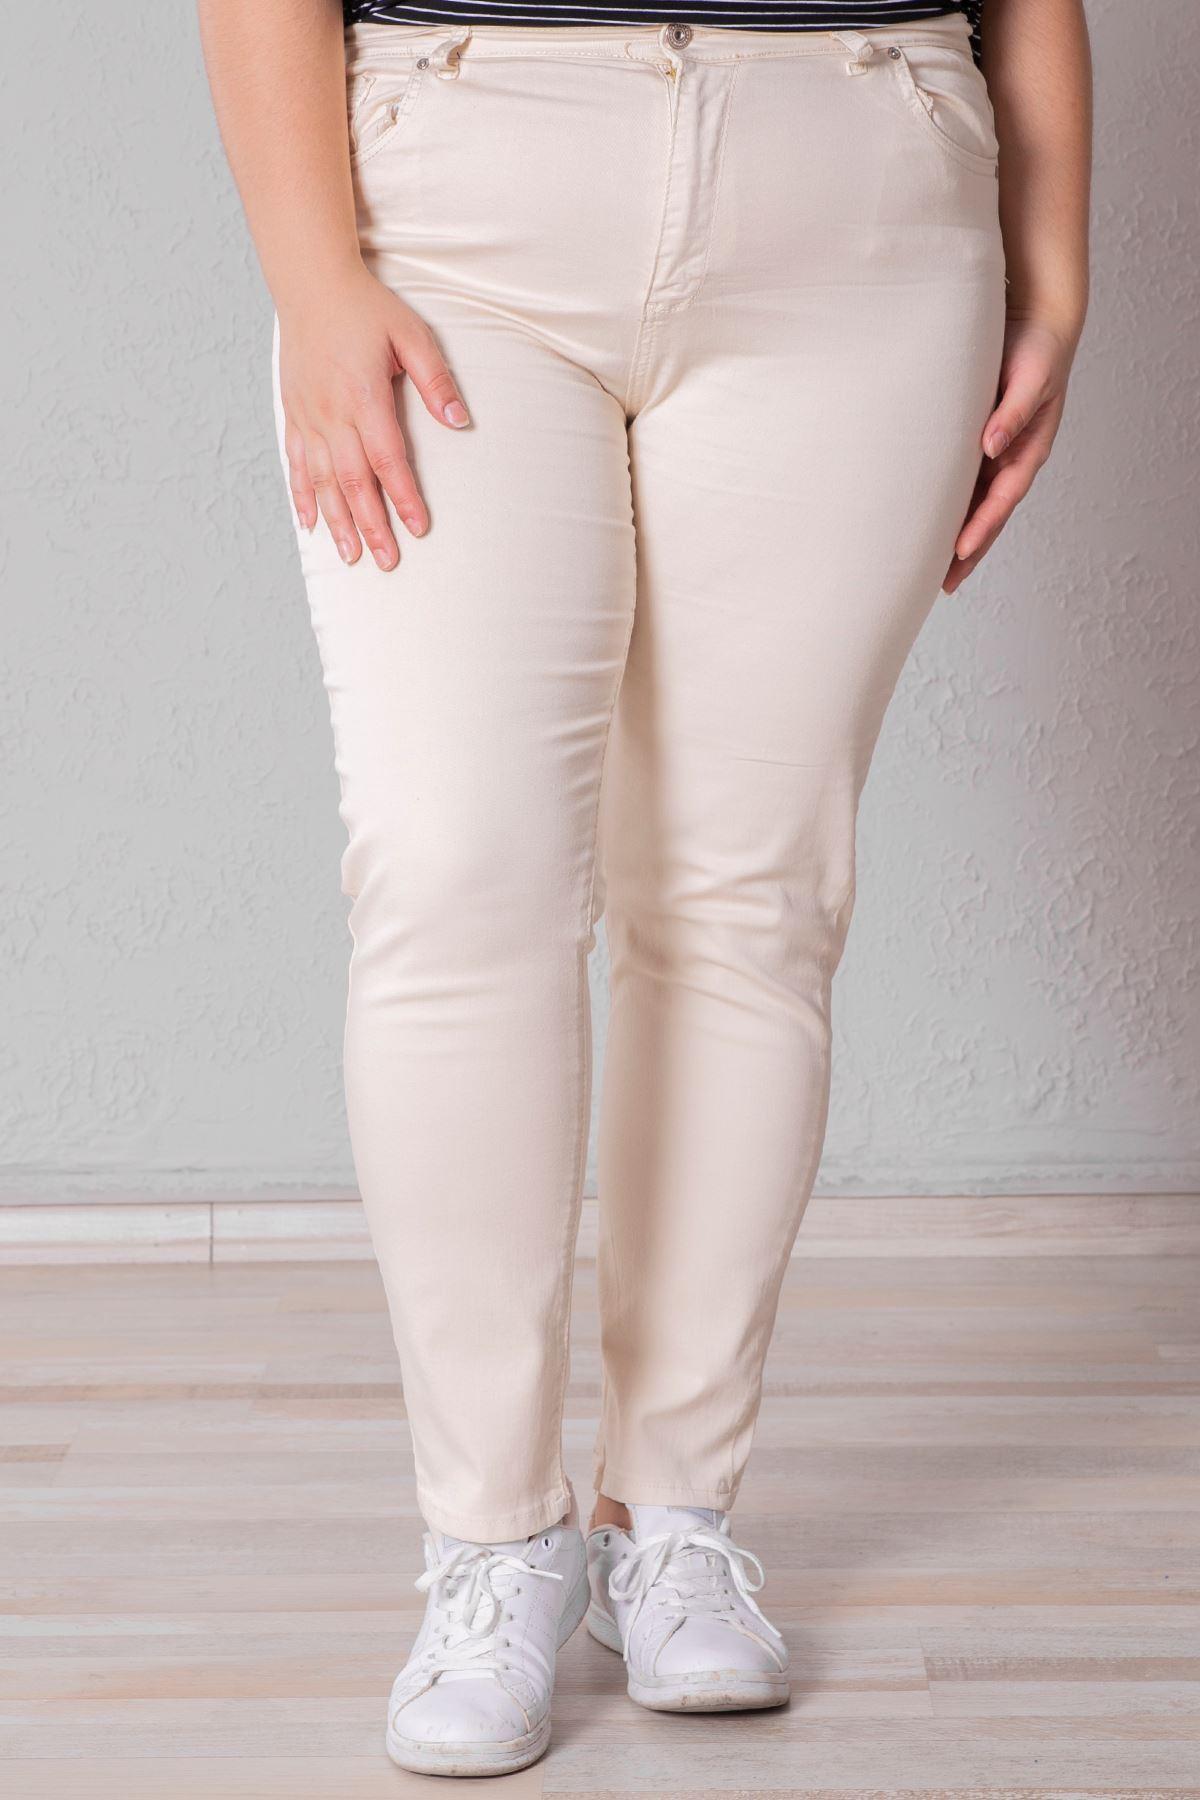 Kadın Battal Likralı Bej Kot Pantolon